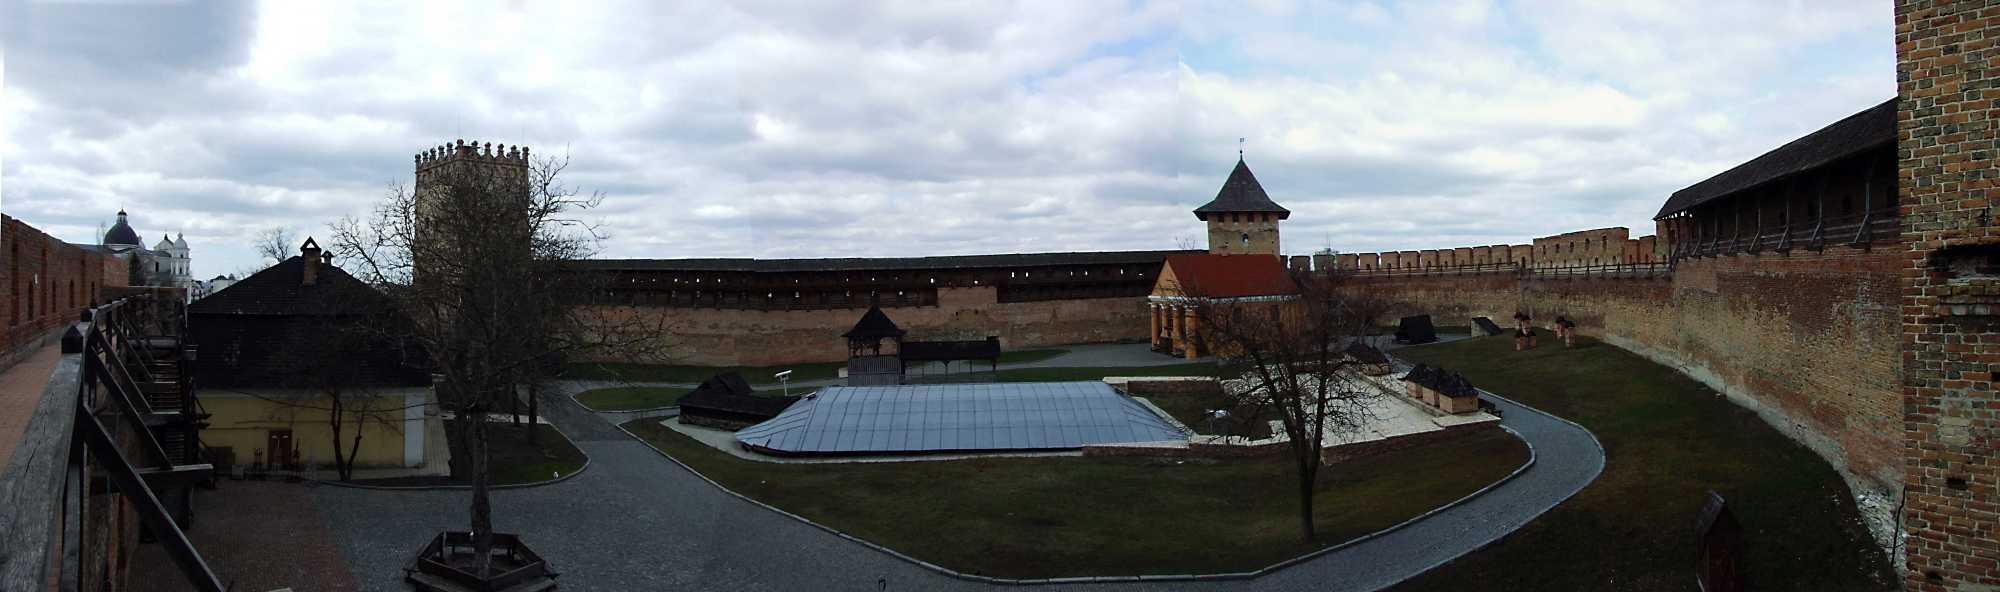 2012 р. Панорама двора замку з південного муру